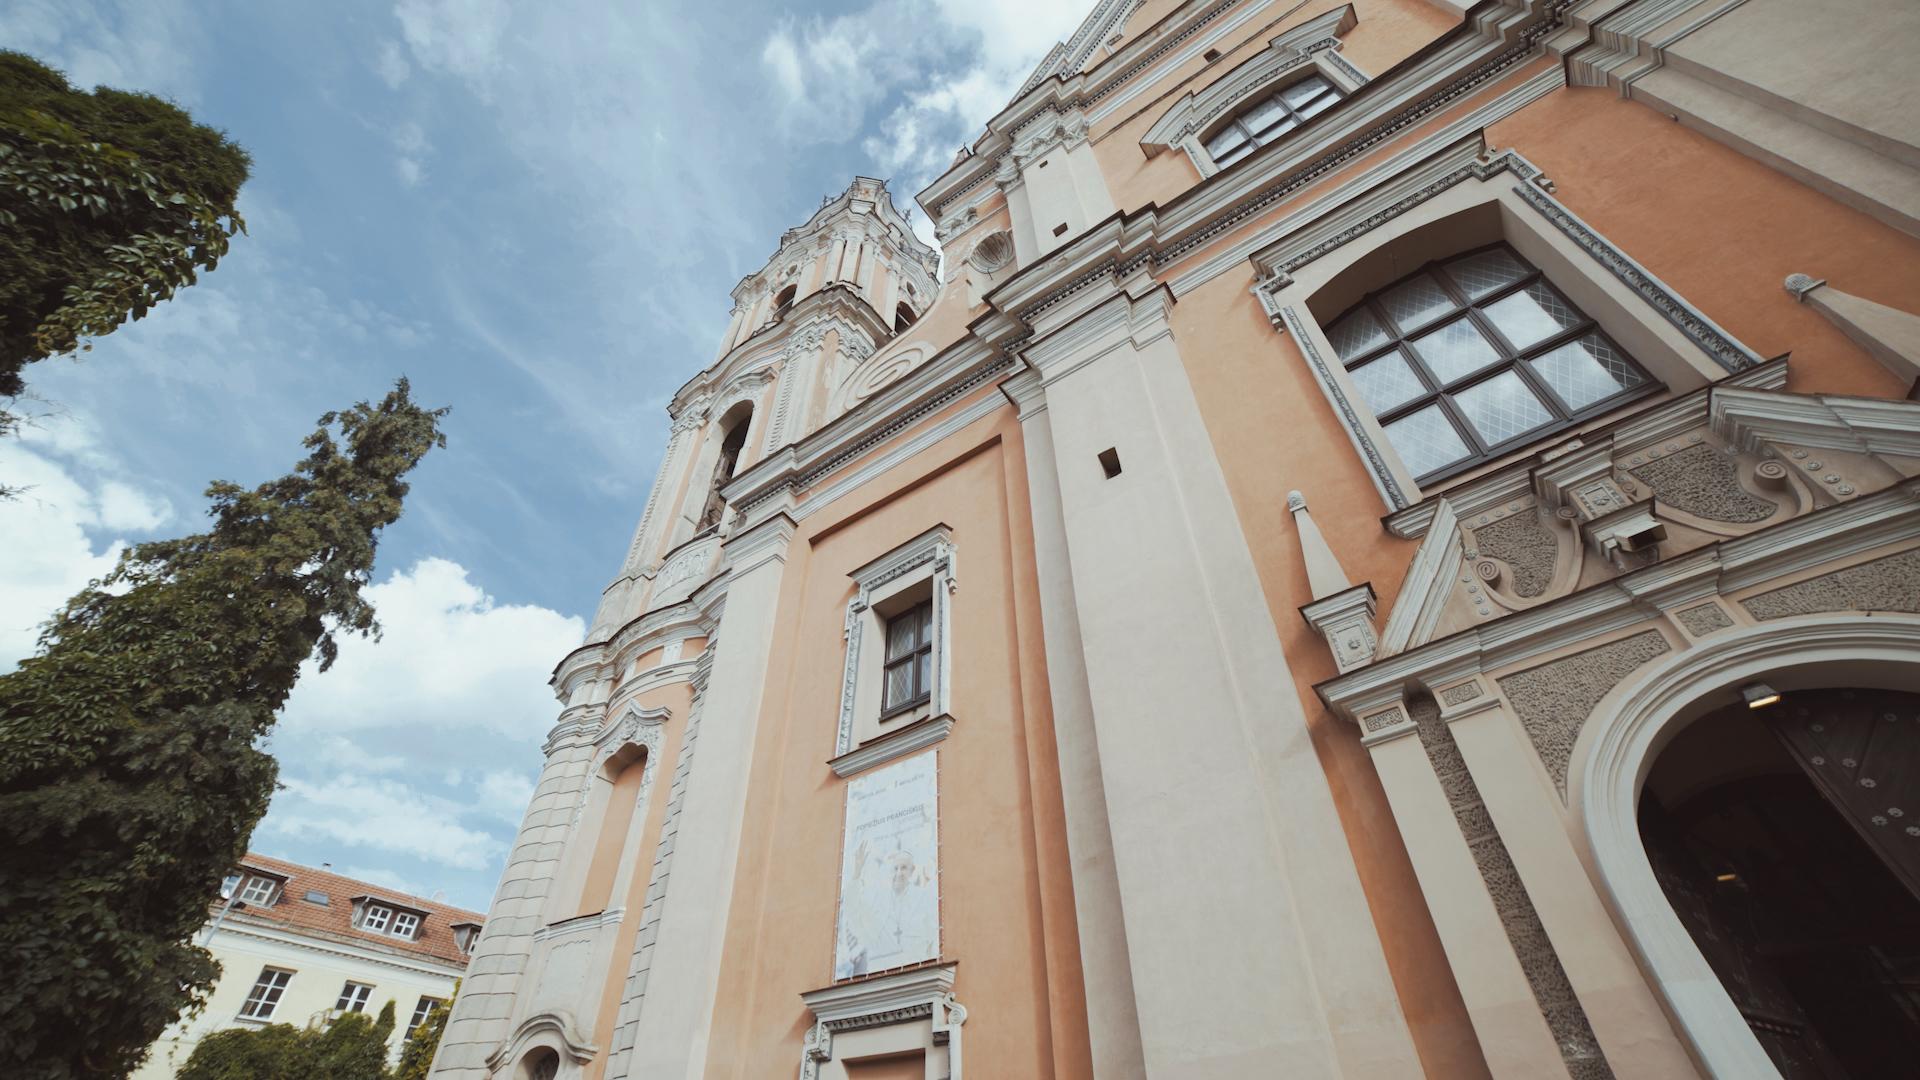 Bažnyčios pastatas.